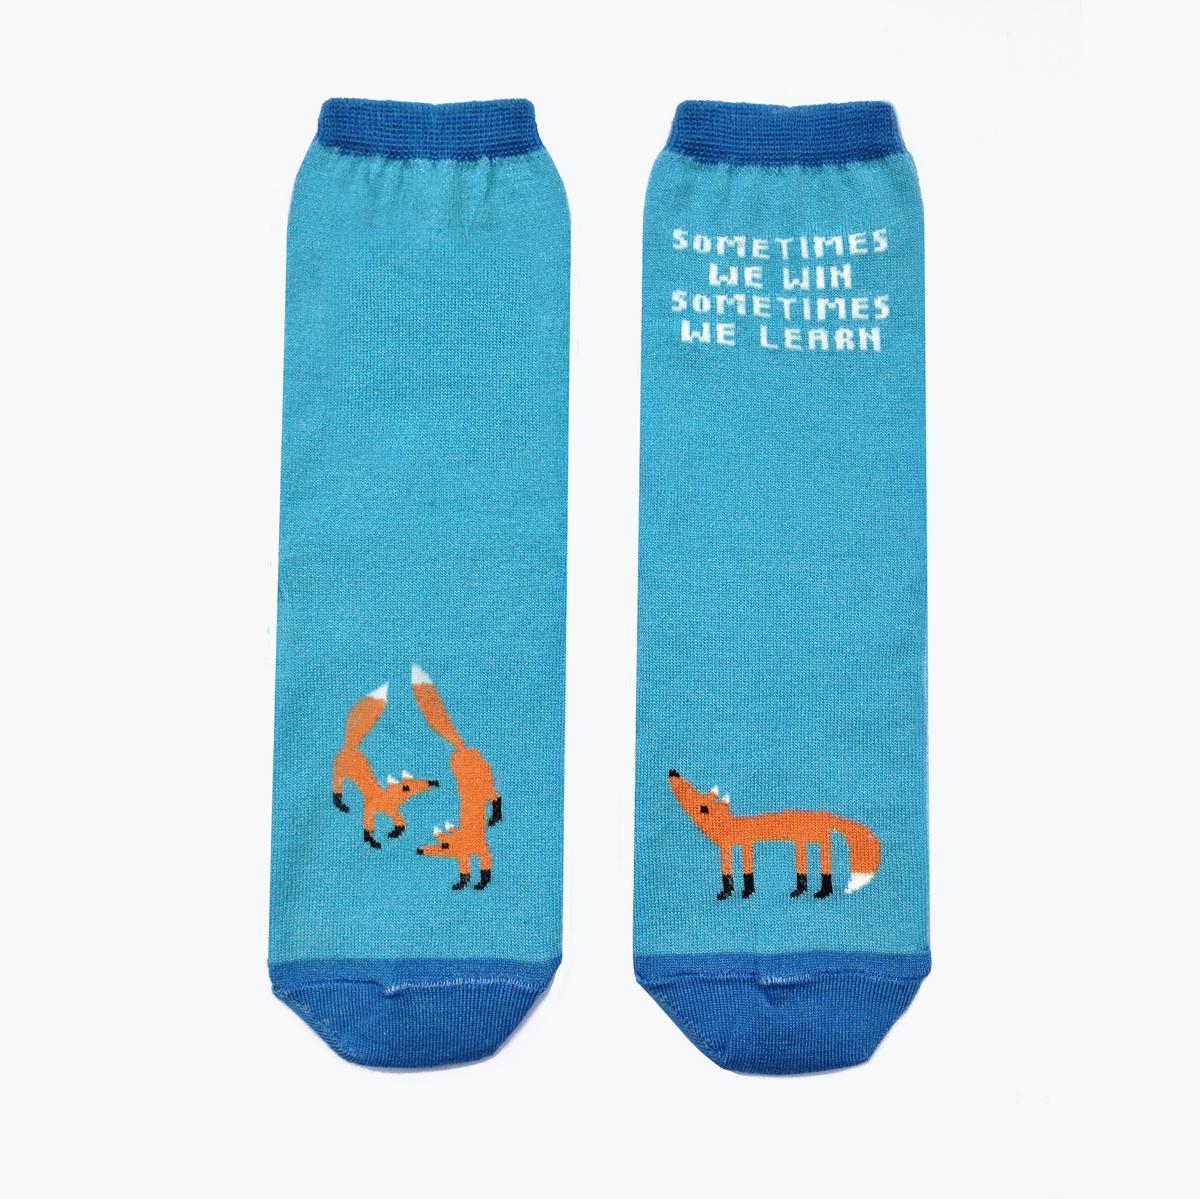 Носки мужские Big Bang Socks, махровые, цвет: голубой, оранжевый. ca1133. Размер 40/44ca1133_махровыеТеплые мужские махровые носки Big Bang Socks изготовлены из высококачественного хлопка с добавлением полиамидных и эластановых волокон, которые обеспечивают великолепную посадку. Носки отличаются ярким стильным дизайном, они оформлены изображением лисичек и надписью: Sometimes we win sometimes we learn. Удобная широкая резинка идеально облегает ногу и не пережимает сосуды, усиленные пятка и мысок повышают износоустойчивость носка, а удлиненный паголенок придает более эстетичный вид. Дизайнерские носки Big Bang Socks - яркая деталь в вашем образе и оригинальный подарок для друзей и близких.